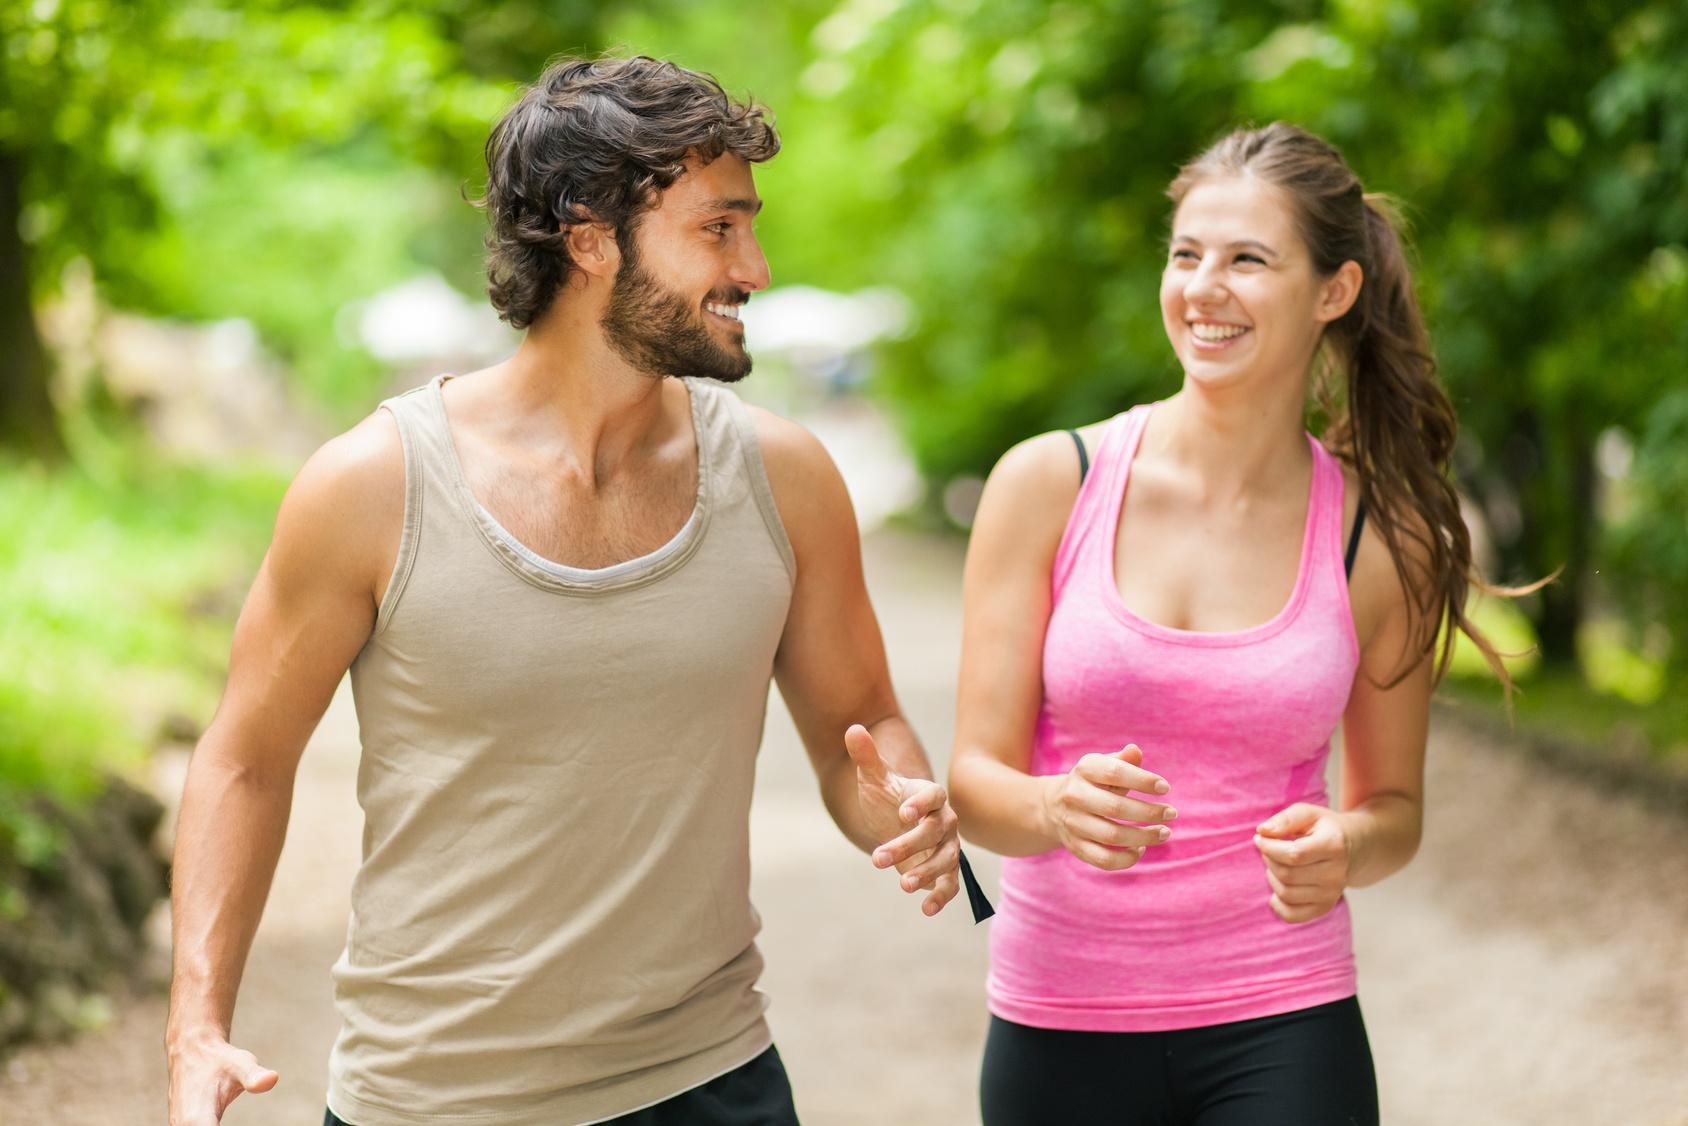 Mann und Frau nehmen mit den gleichen Methoden ab